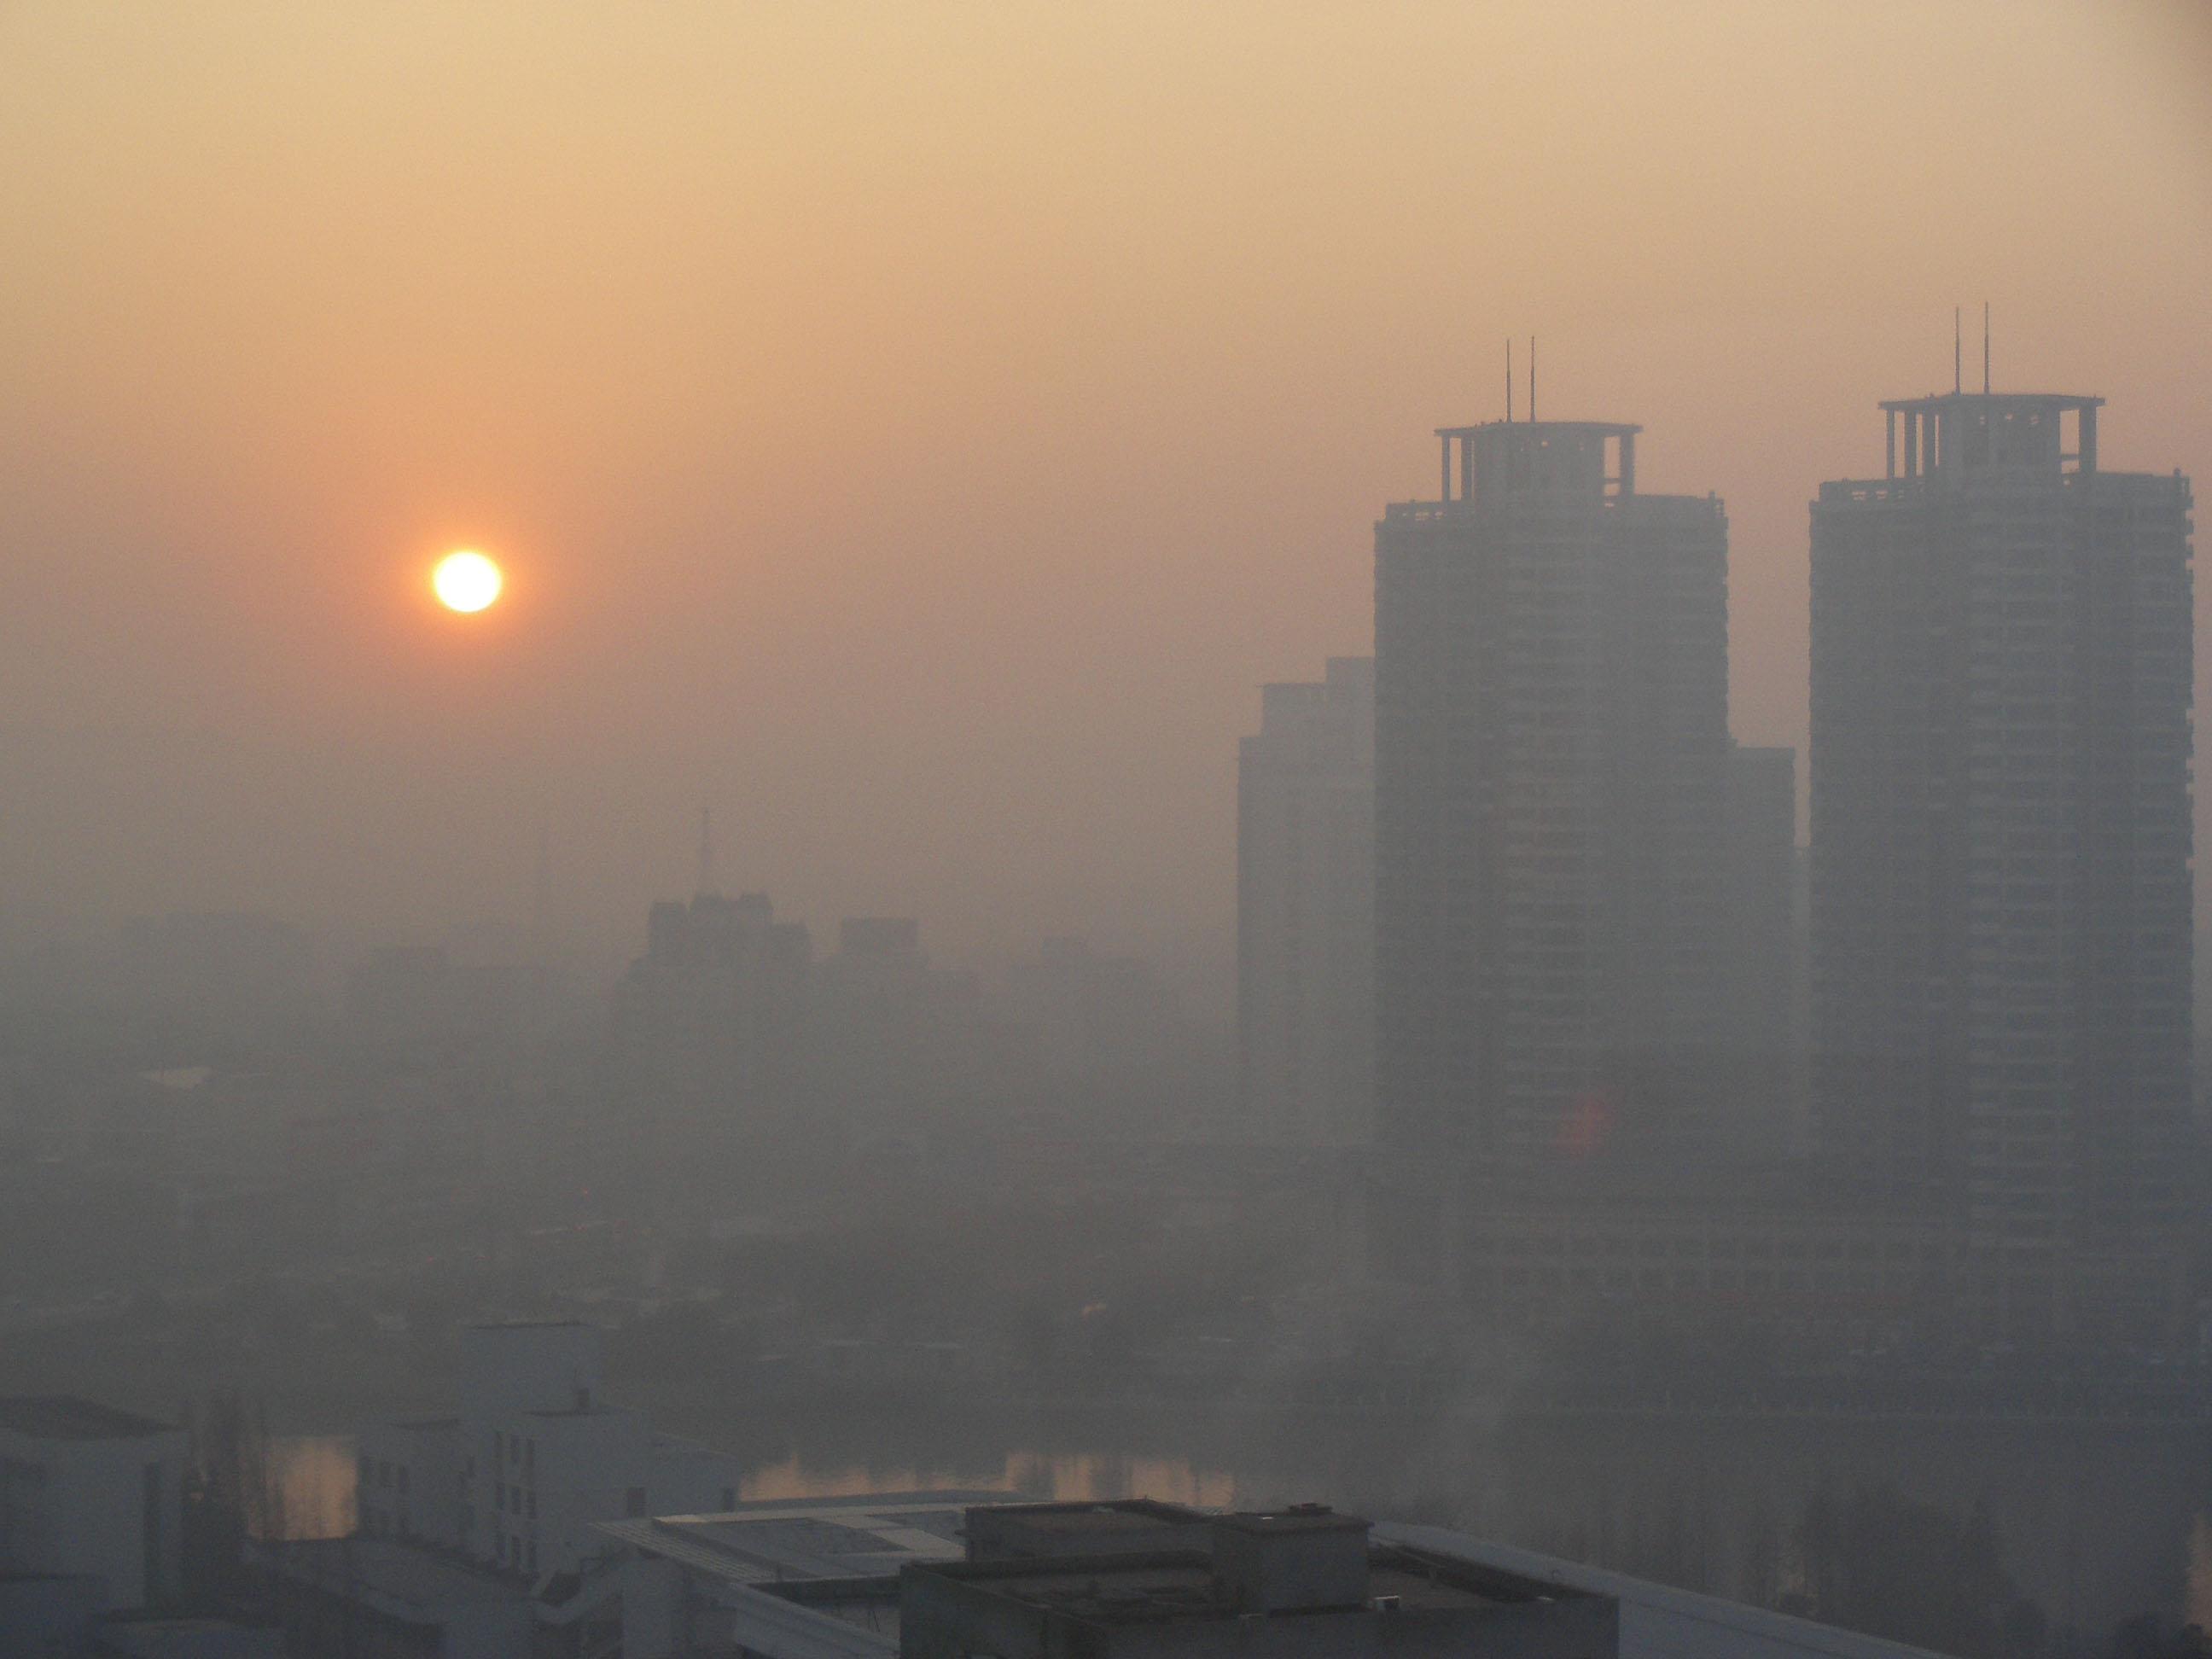 آلودگی هوا ادارات تهران را تعطیل می کند؟/ هوا در مرز بسیار ناسالم